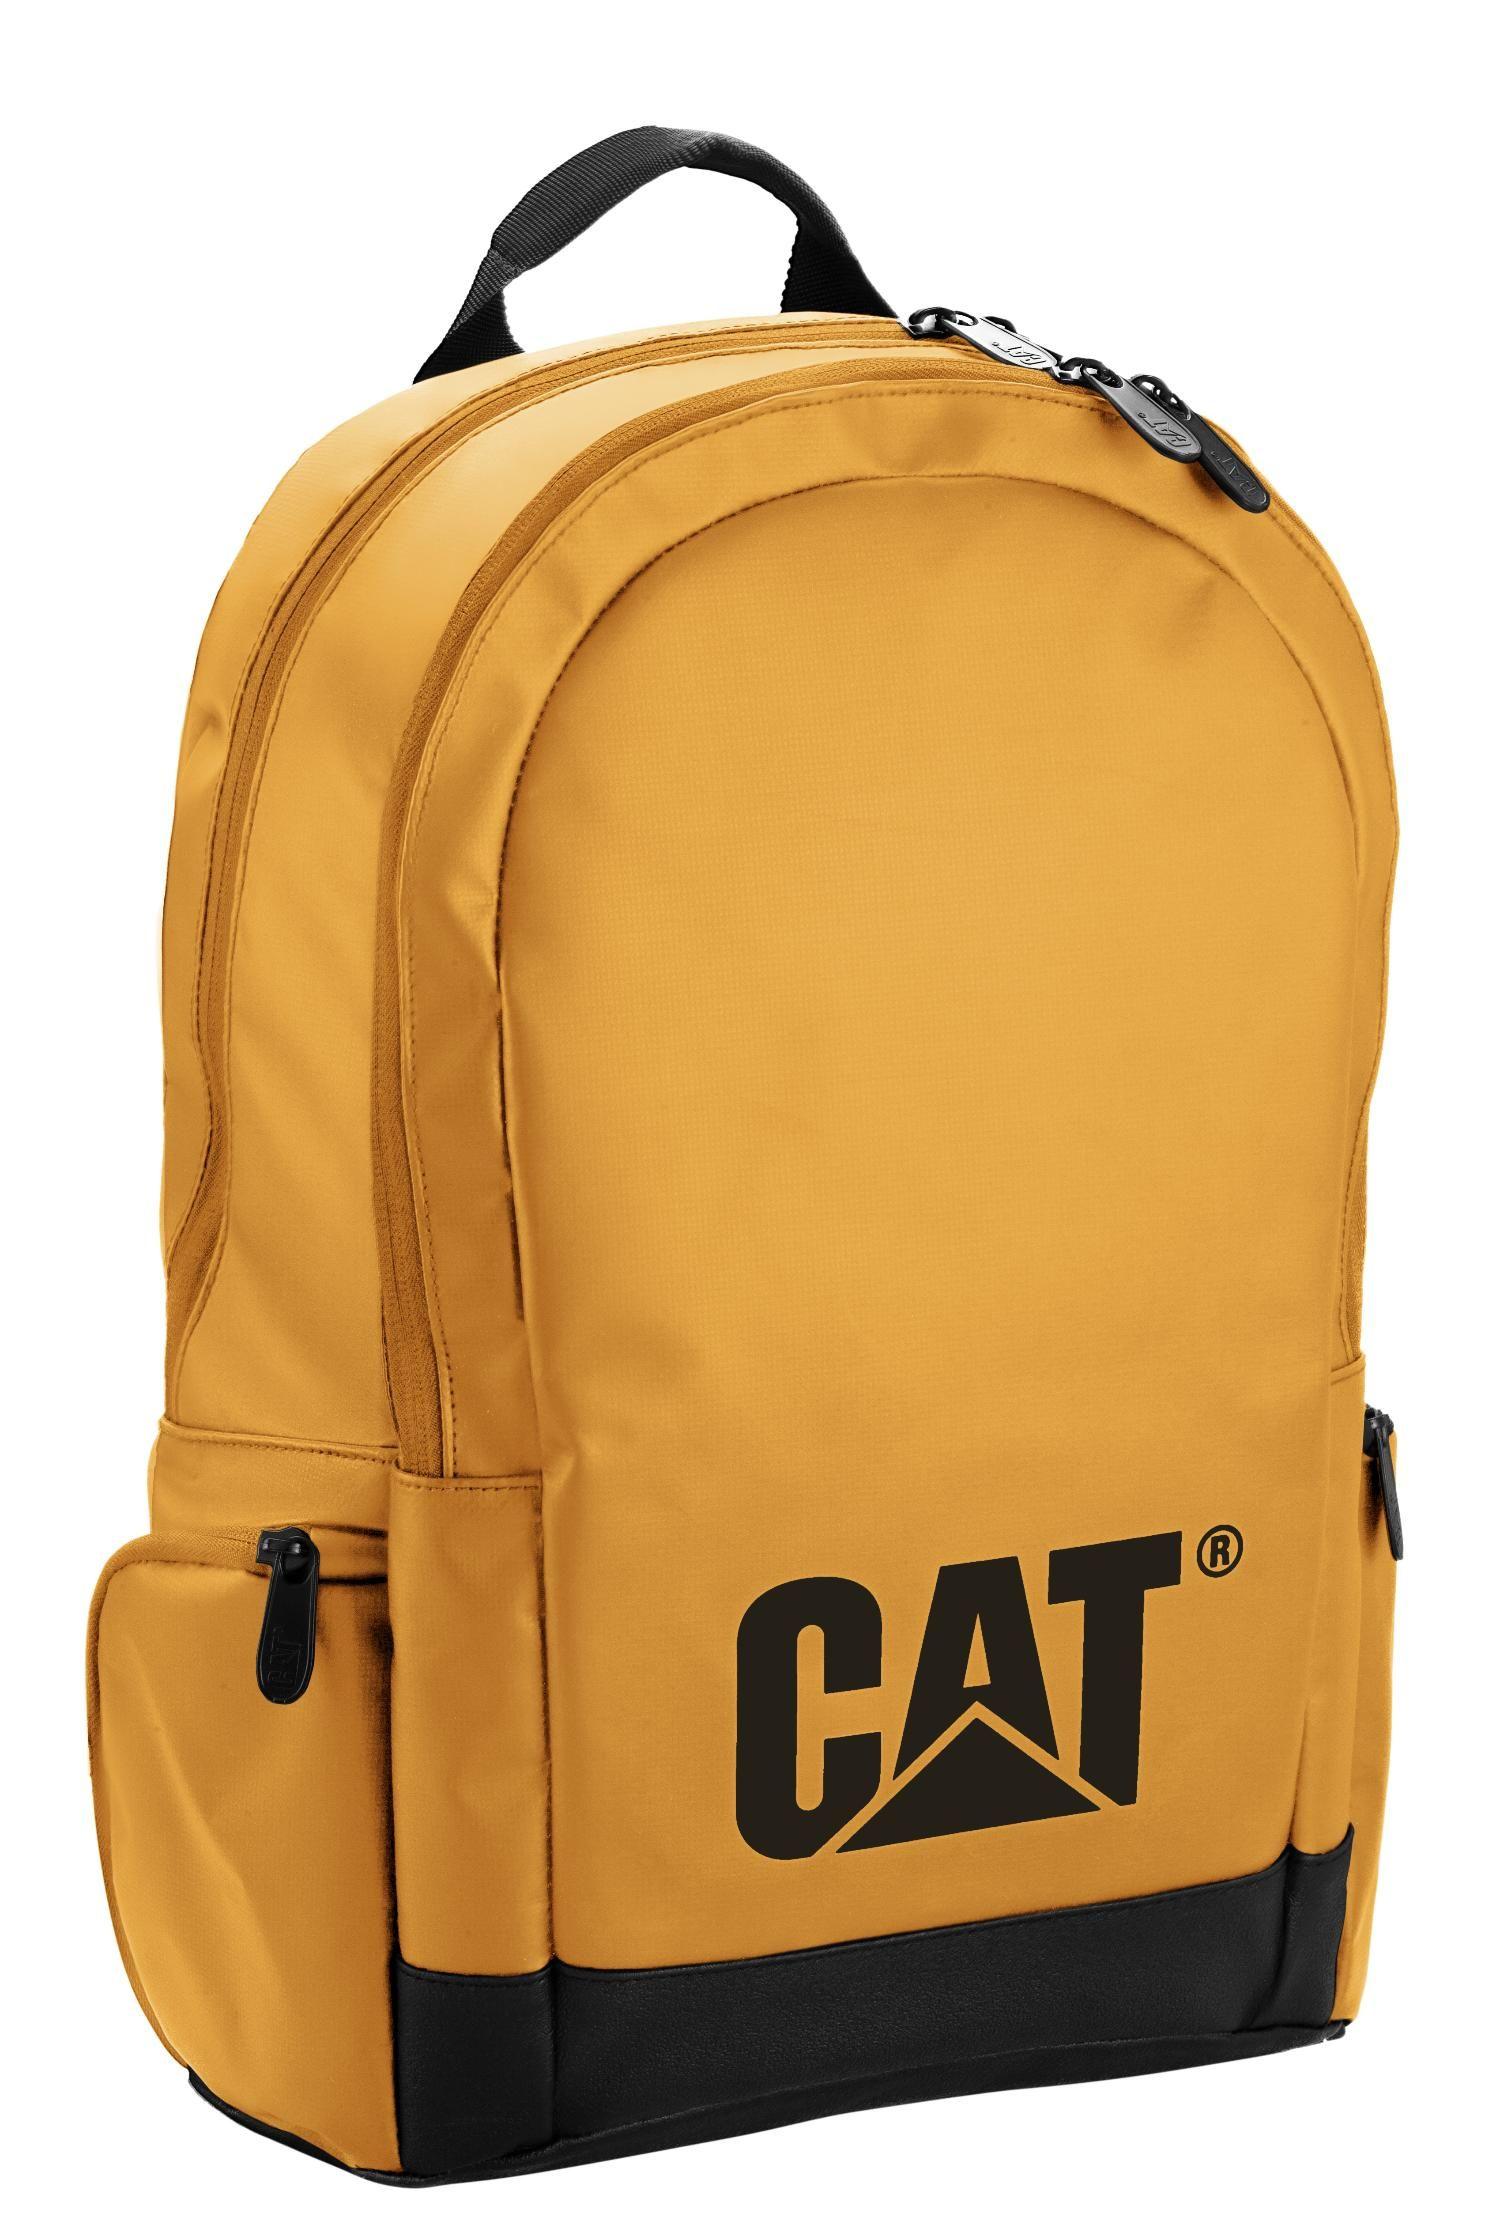 Рюкзак.cat рюкзаки 35